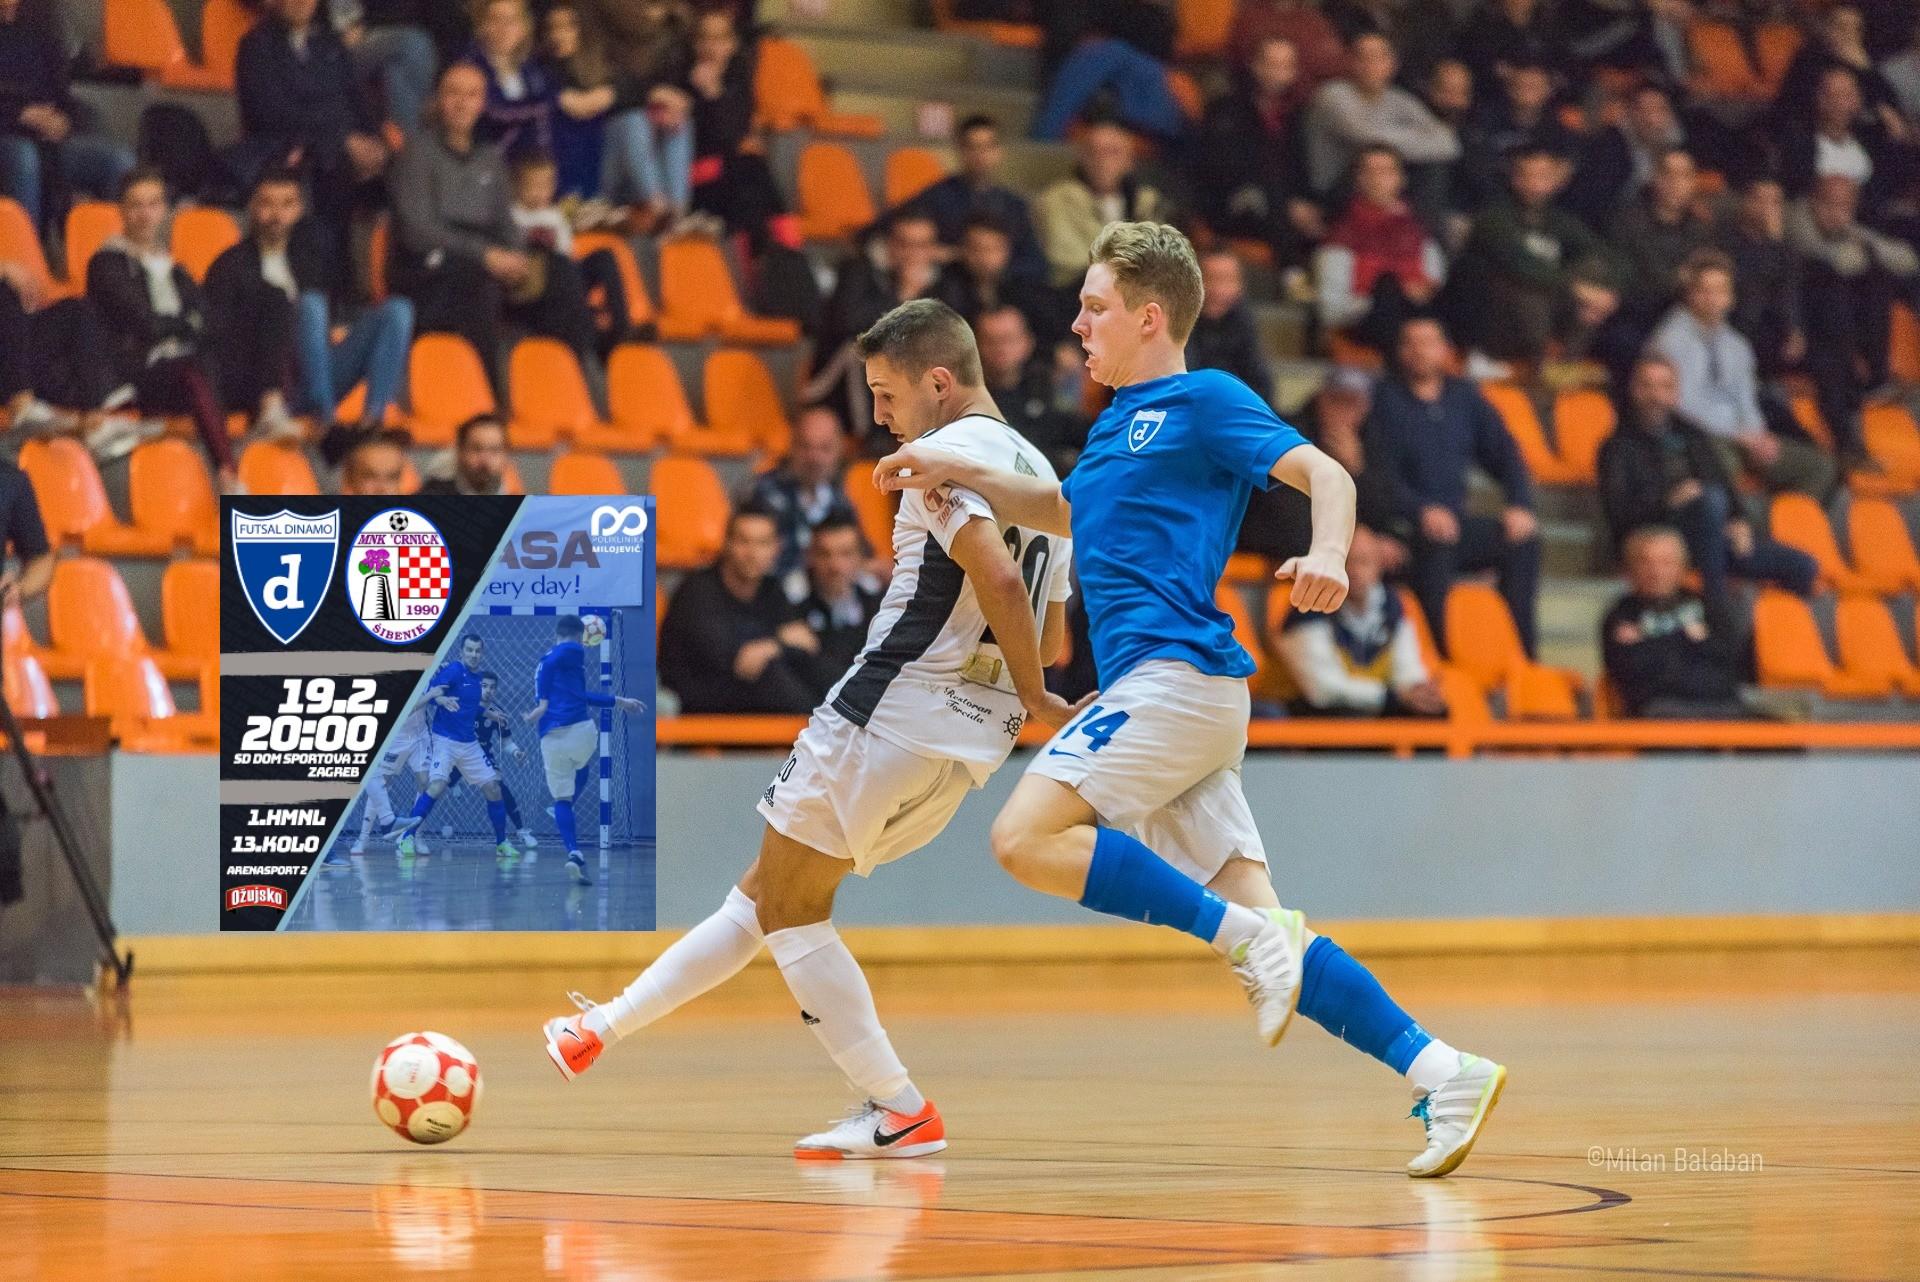 Dinamo protiv Crnice